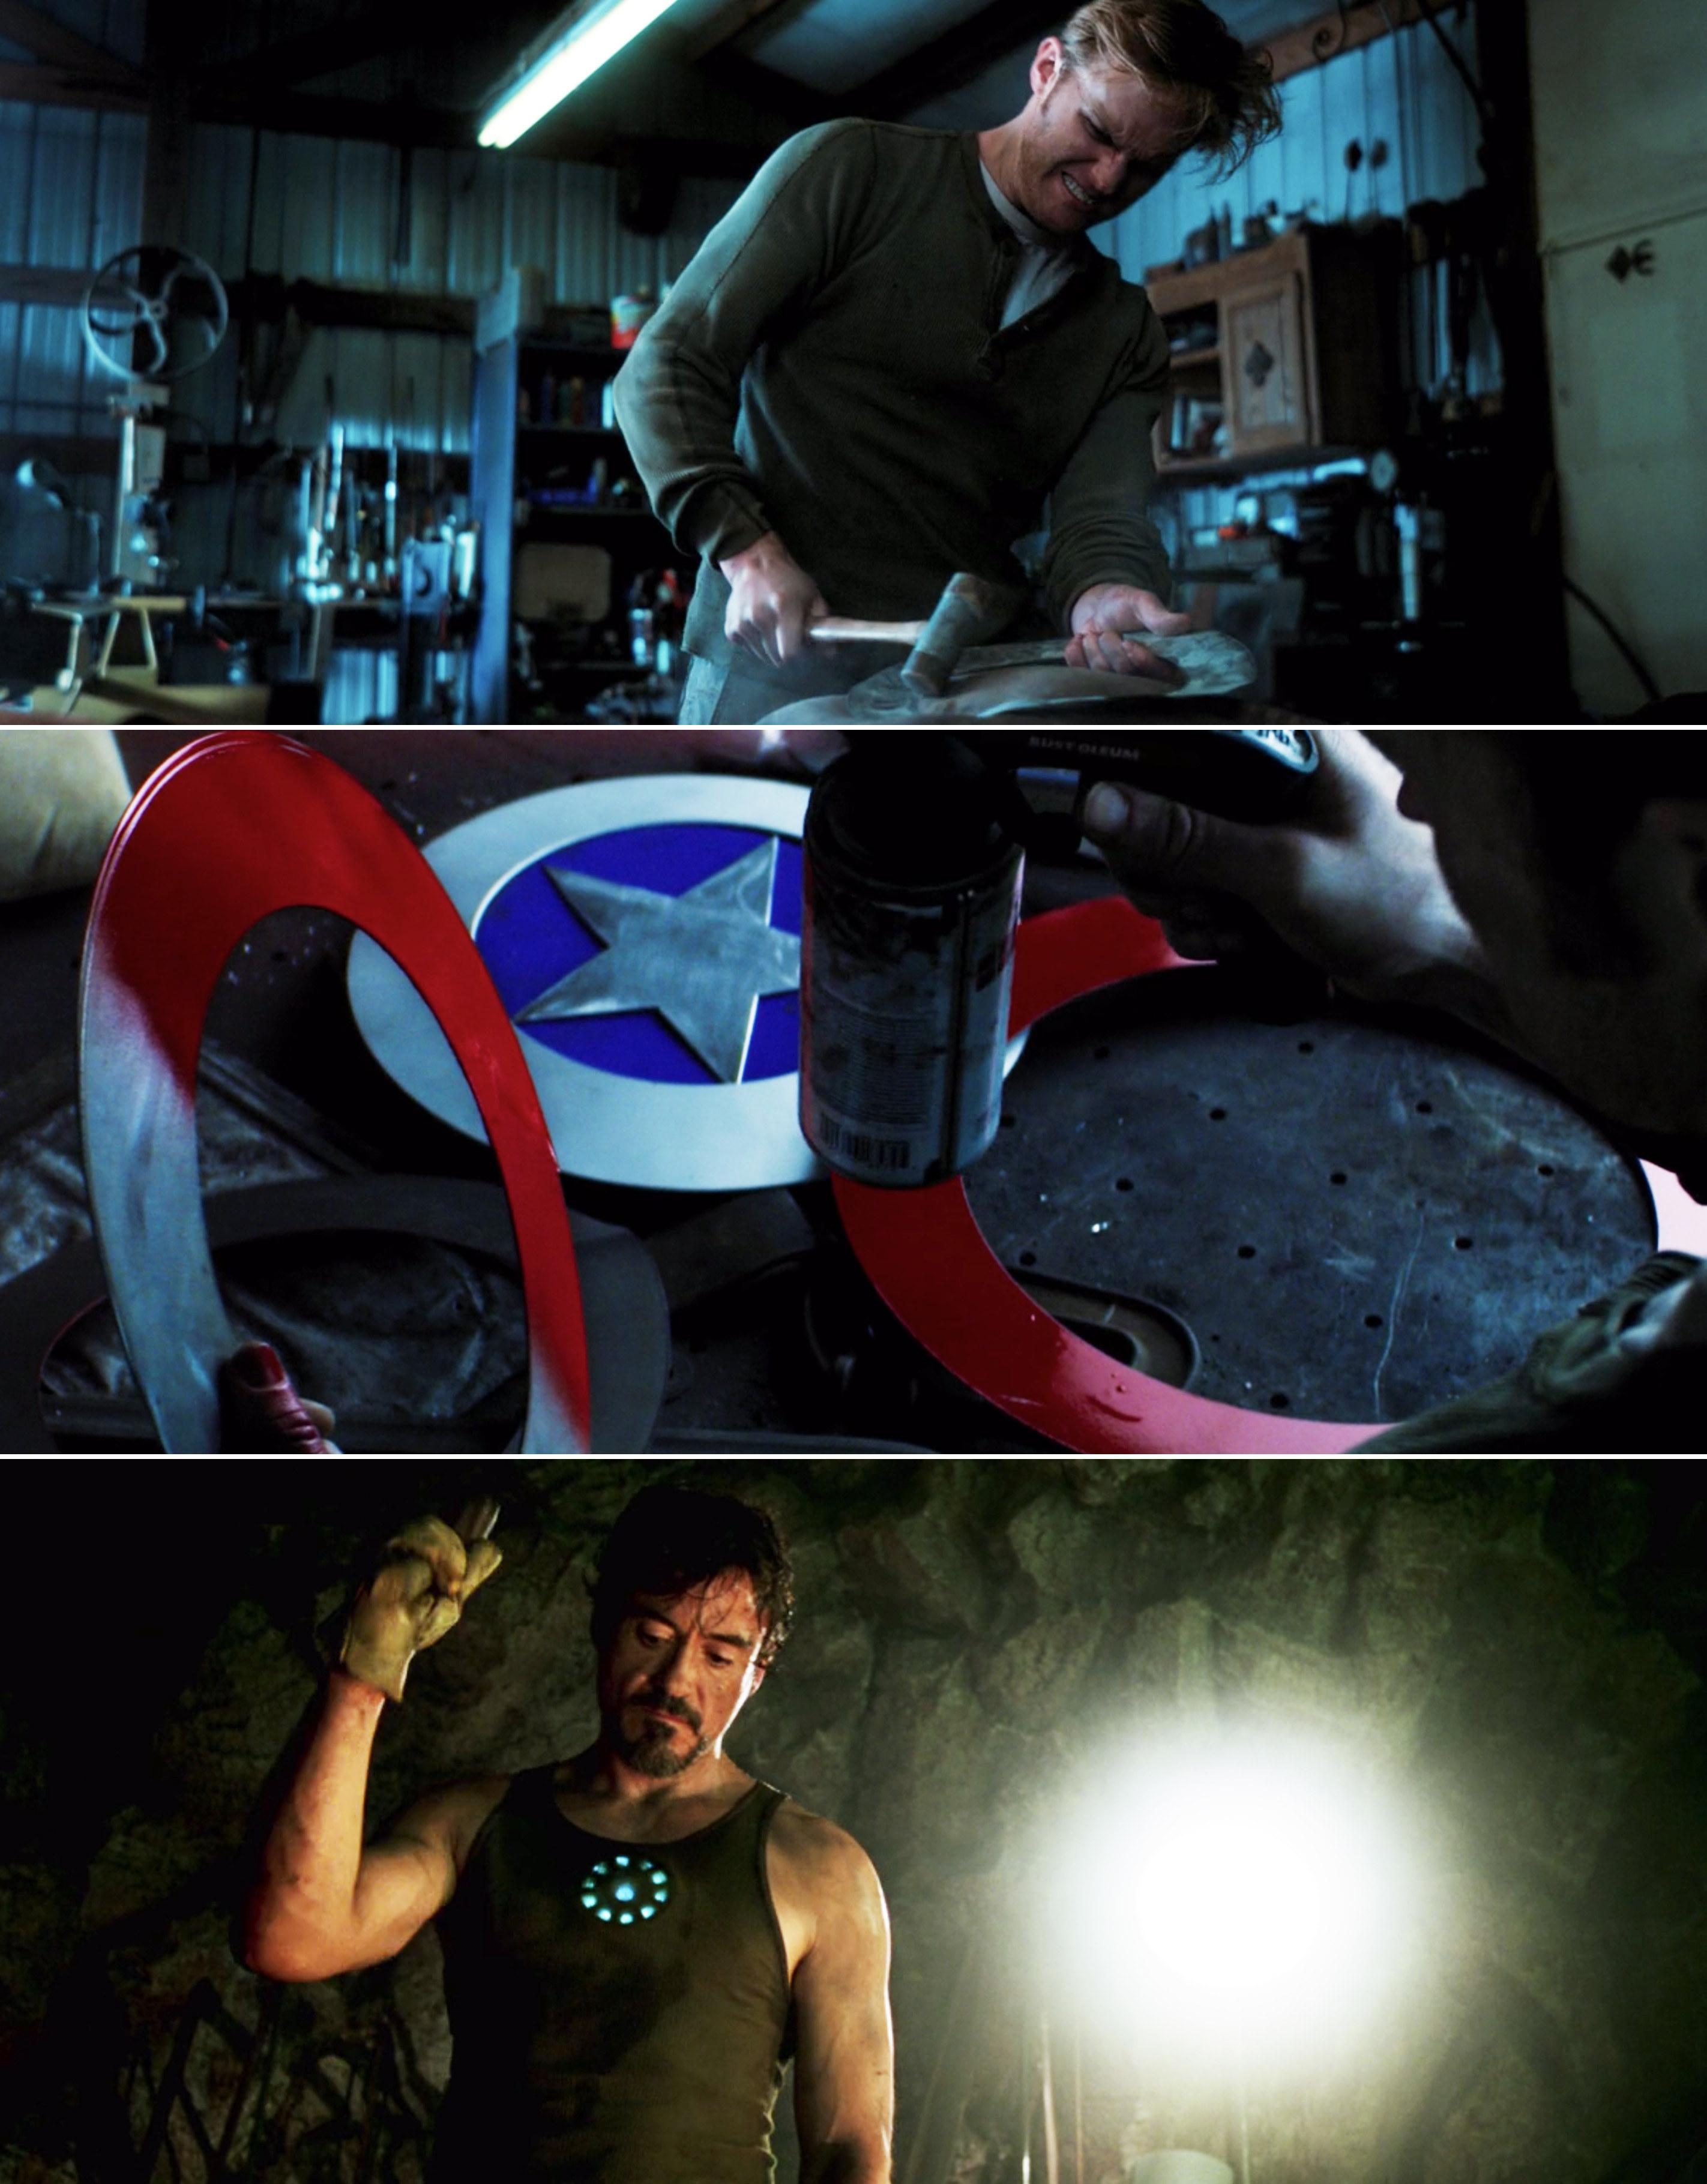 John hammering his shield vs. Tony hammering in a cave